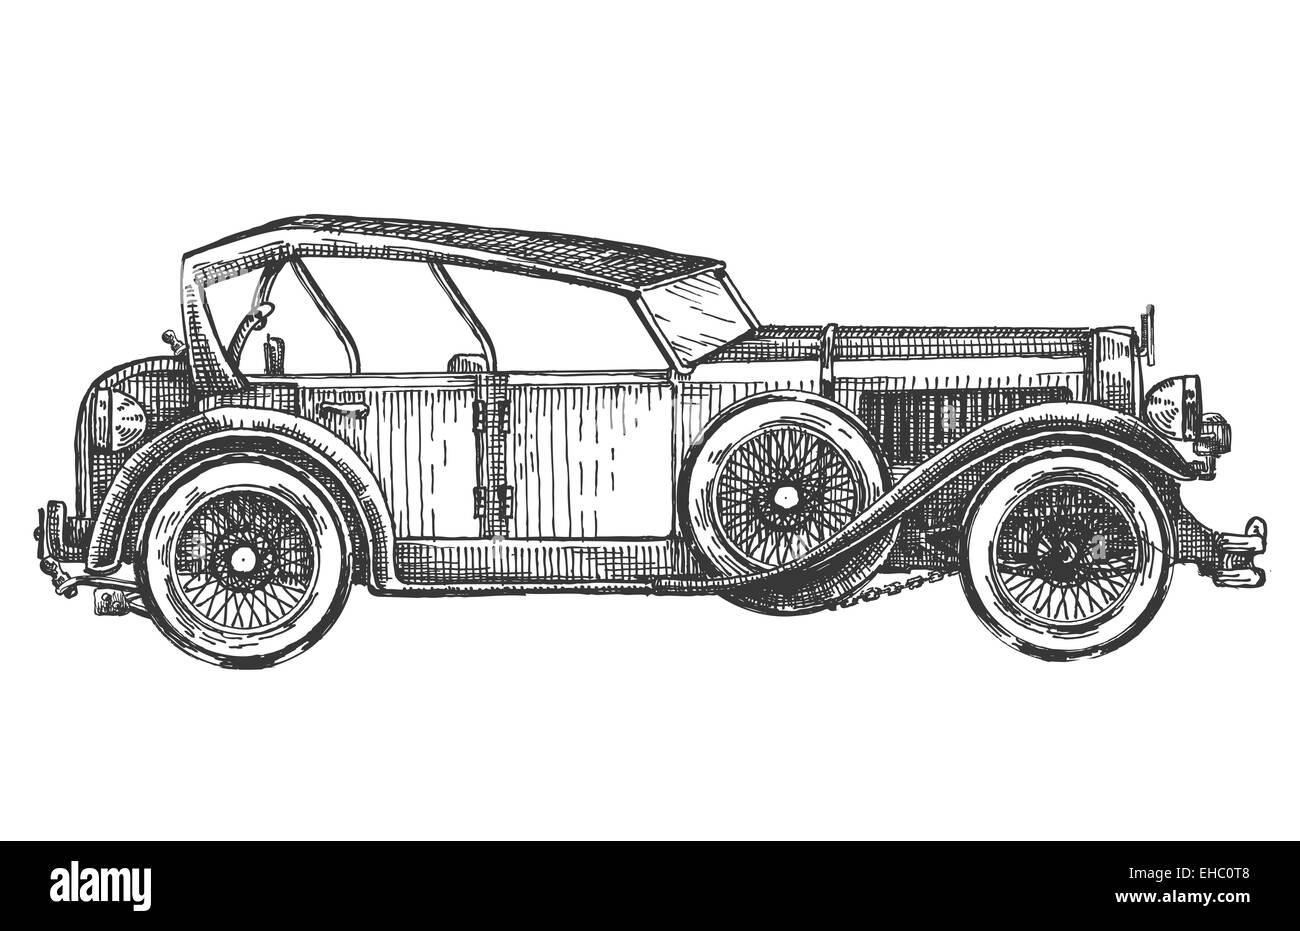 Gemütlich Automobil Vorlagen Galerie - Beispiel Anschreiben für ...